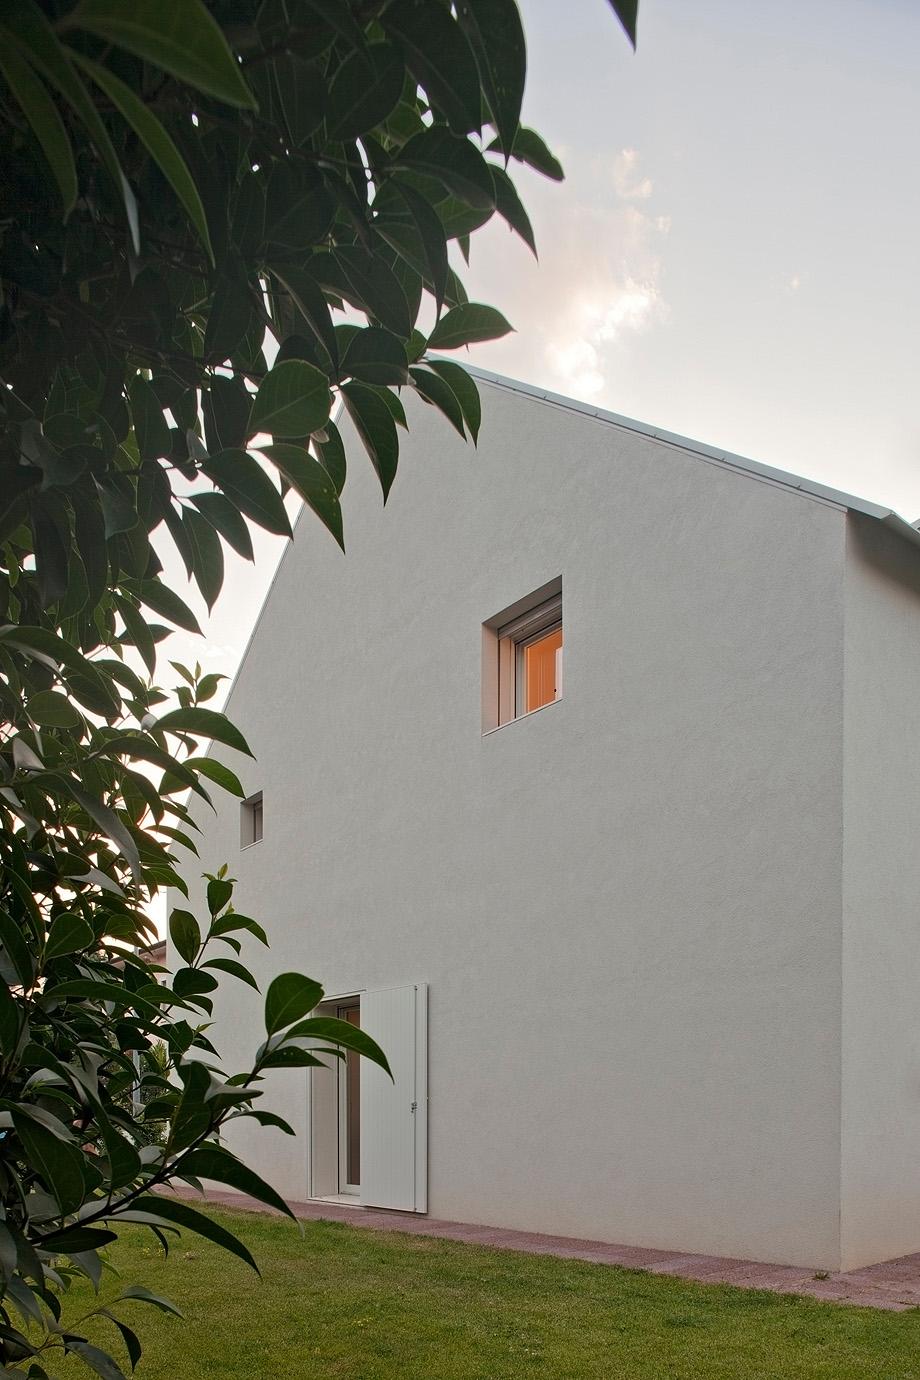 casa en pordenone de corde architetti associati - alessandra bello (18)